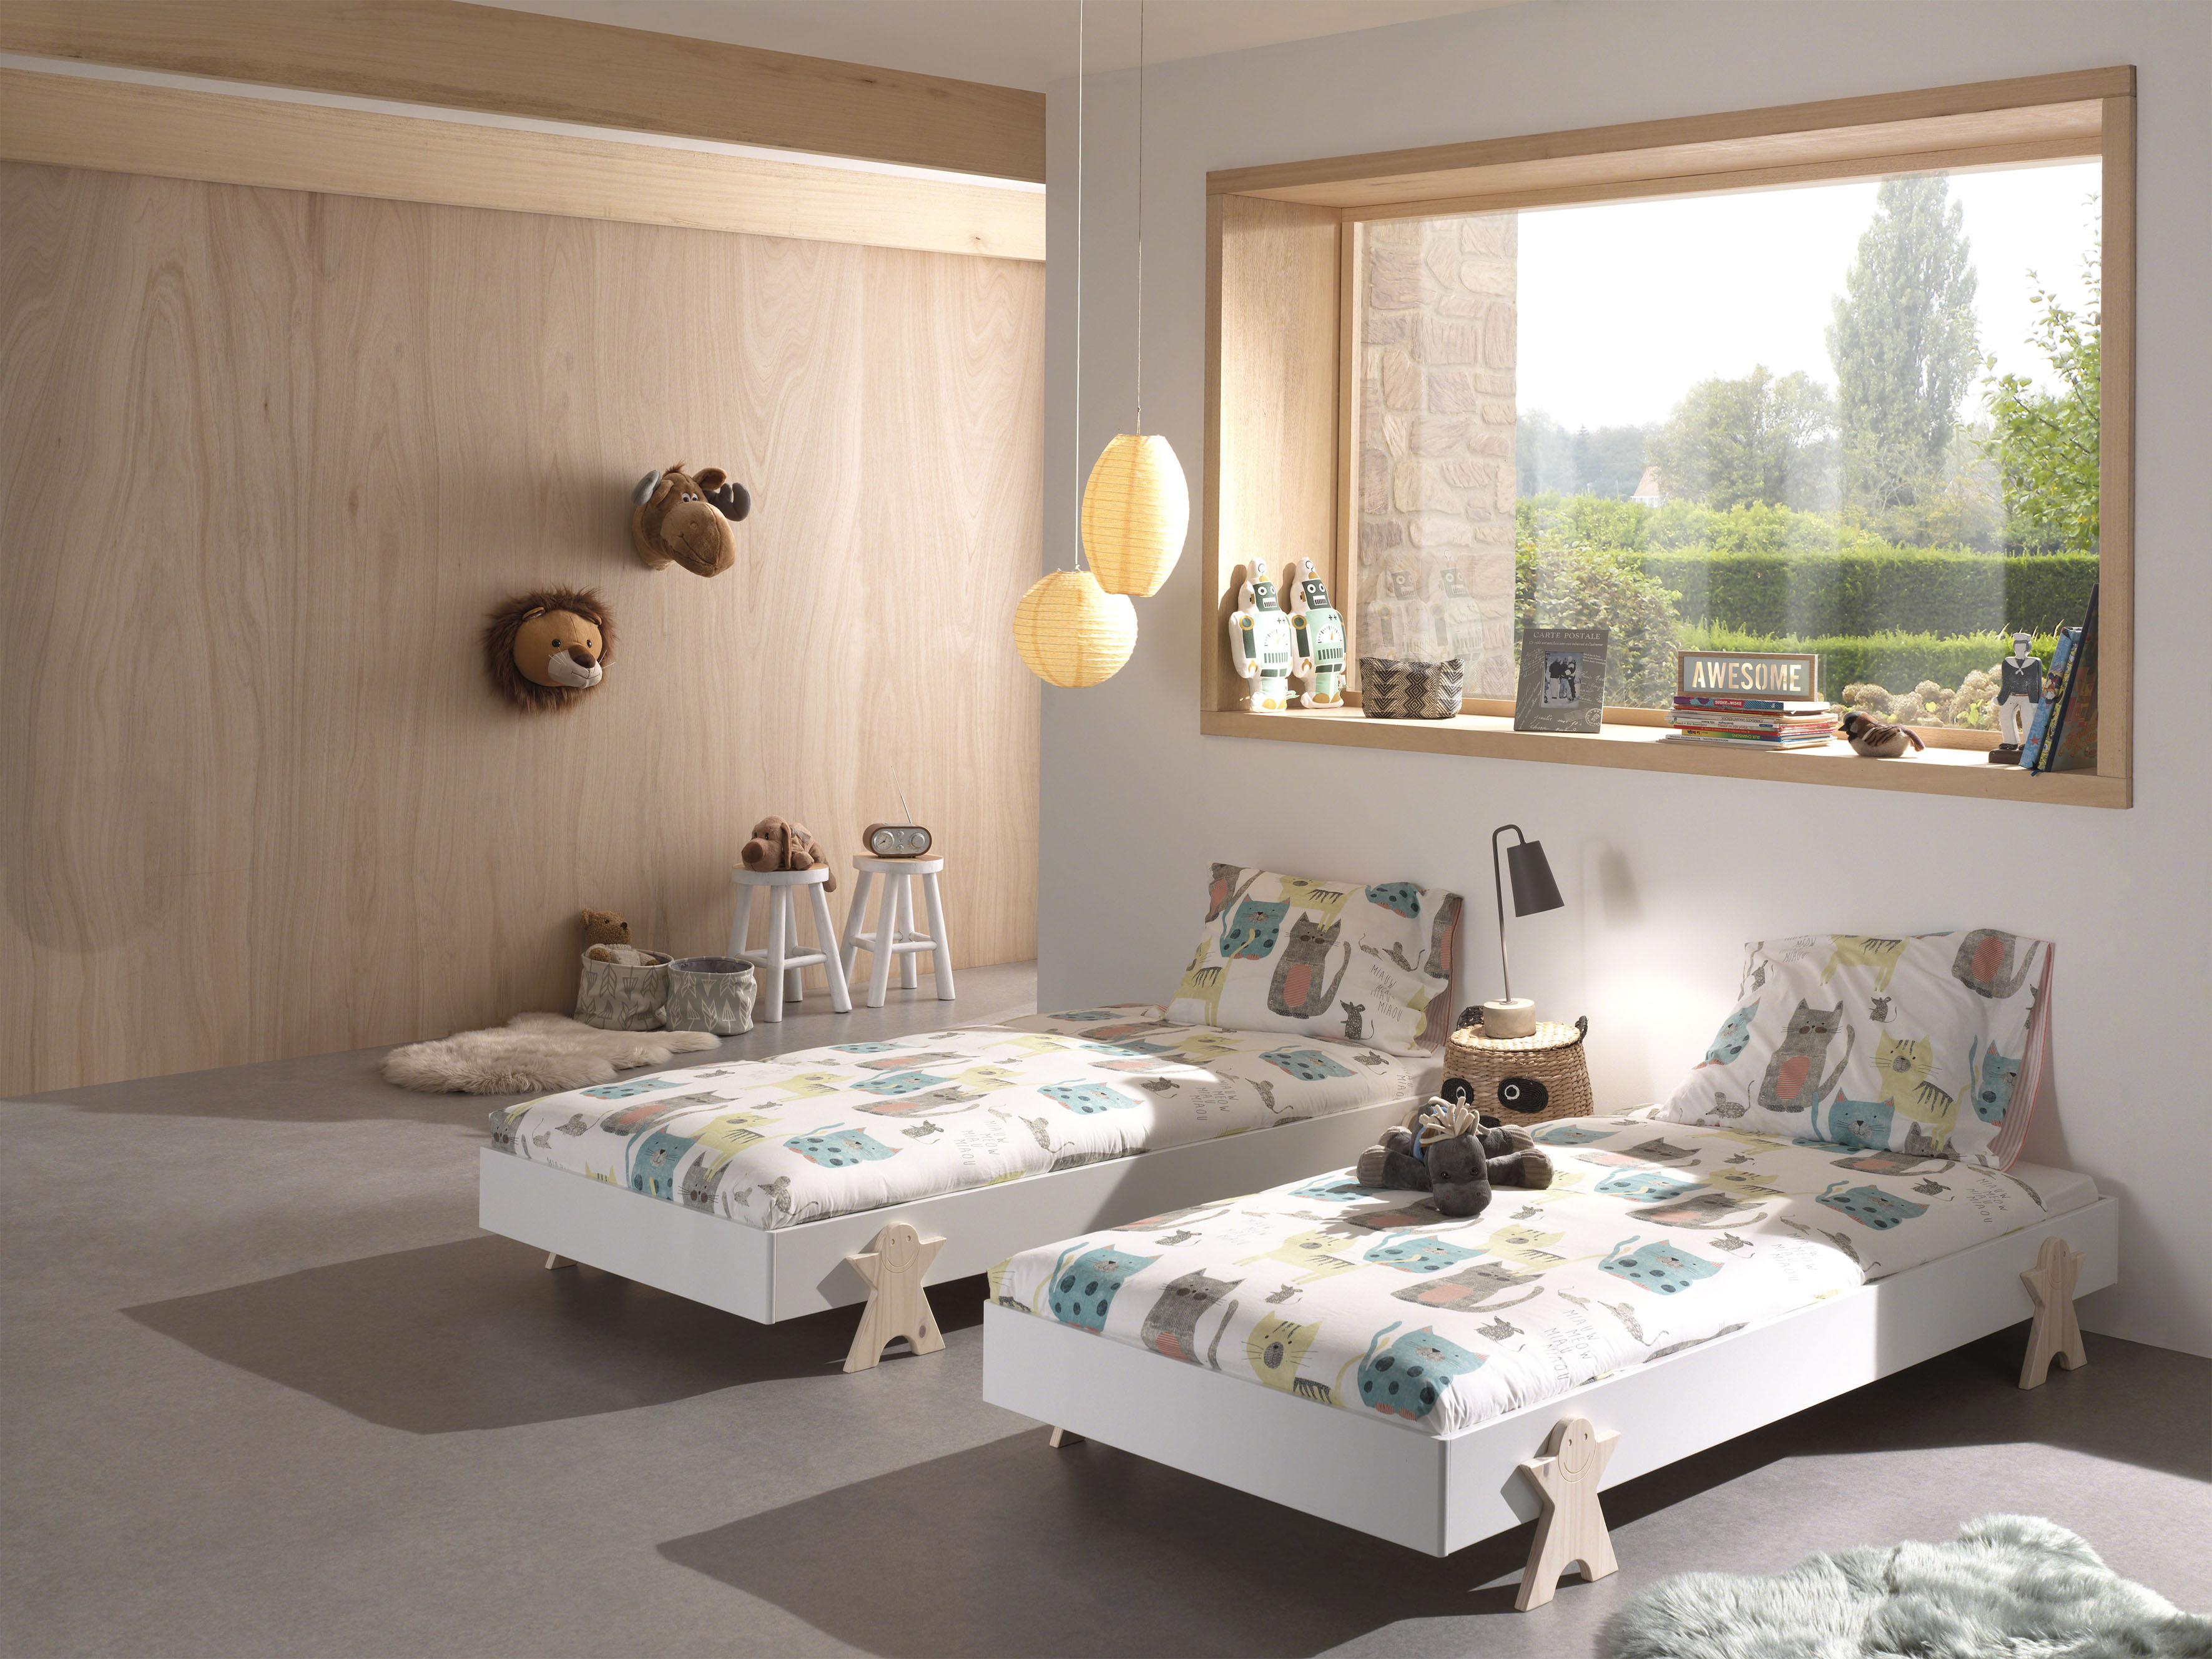 Vipack Einzelbett Modulo, Stapelbett mit Füßen in Smileoptik weiß Kinder Kinderbetten Kindermöbel